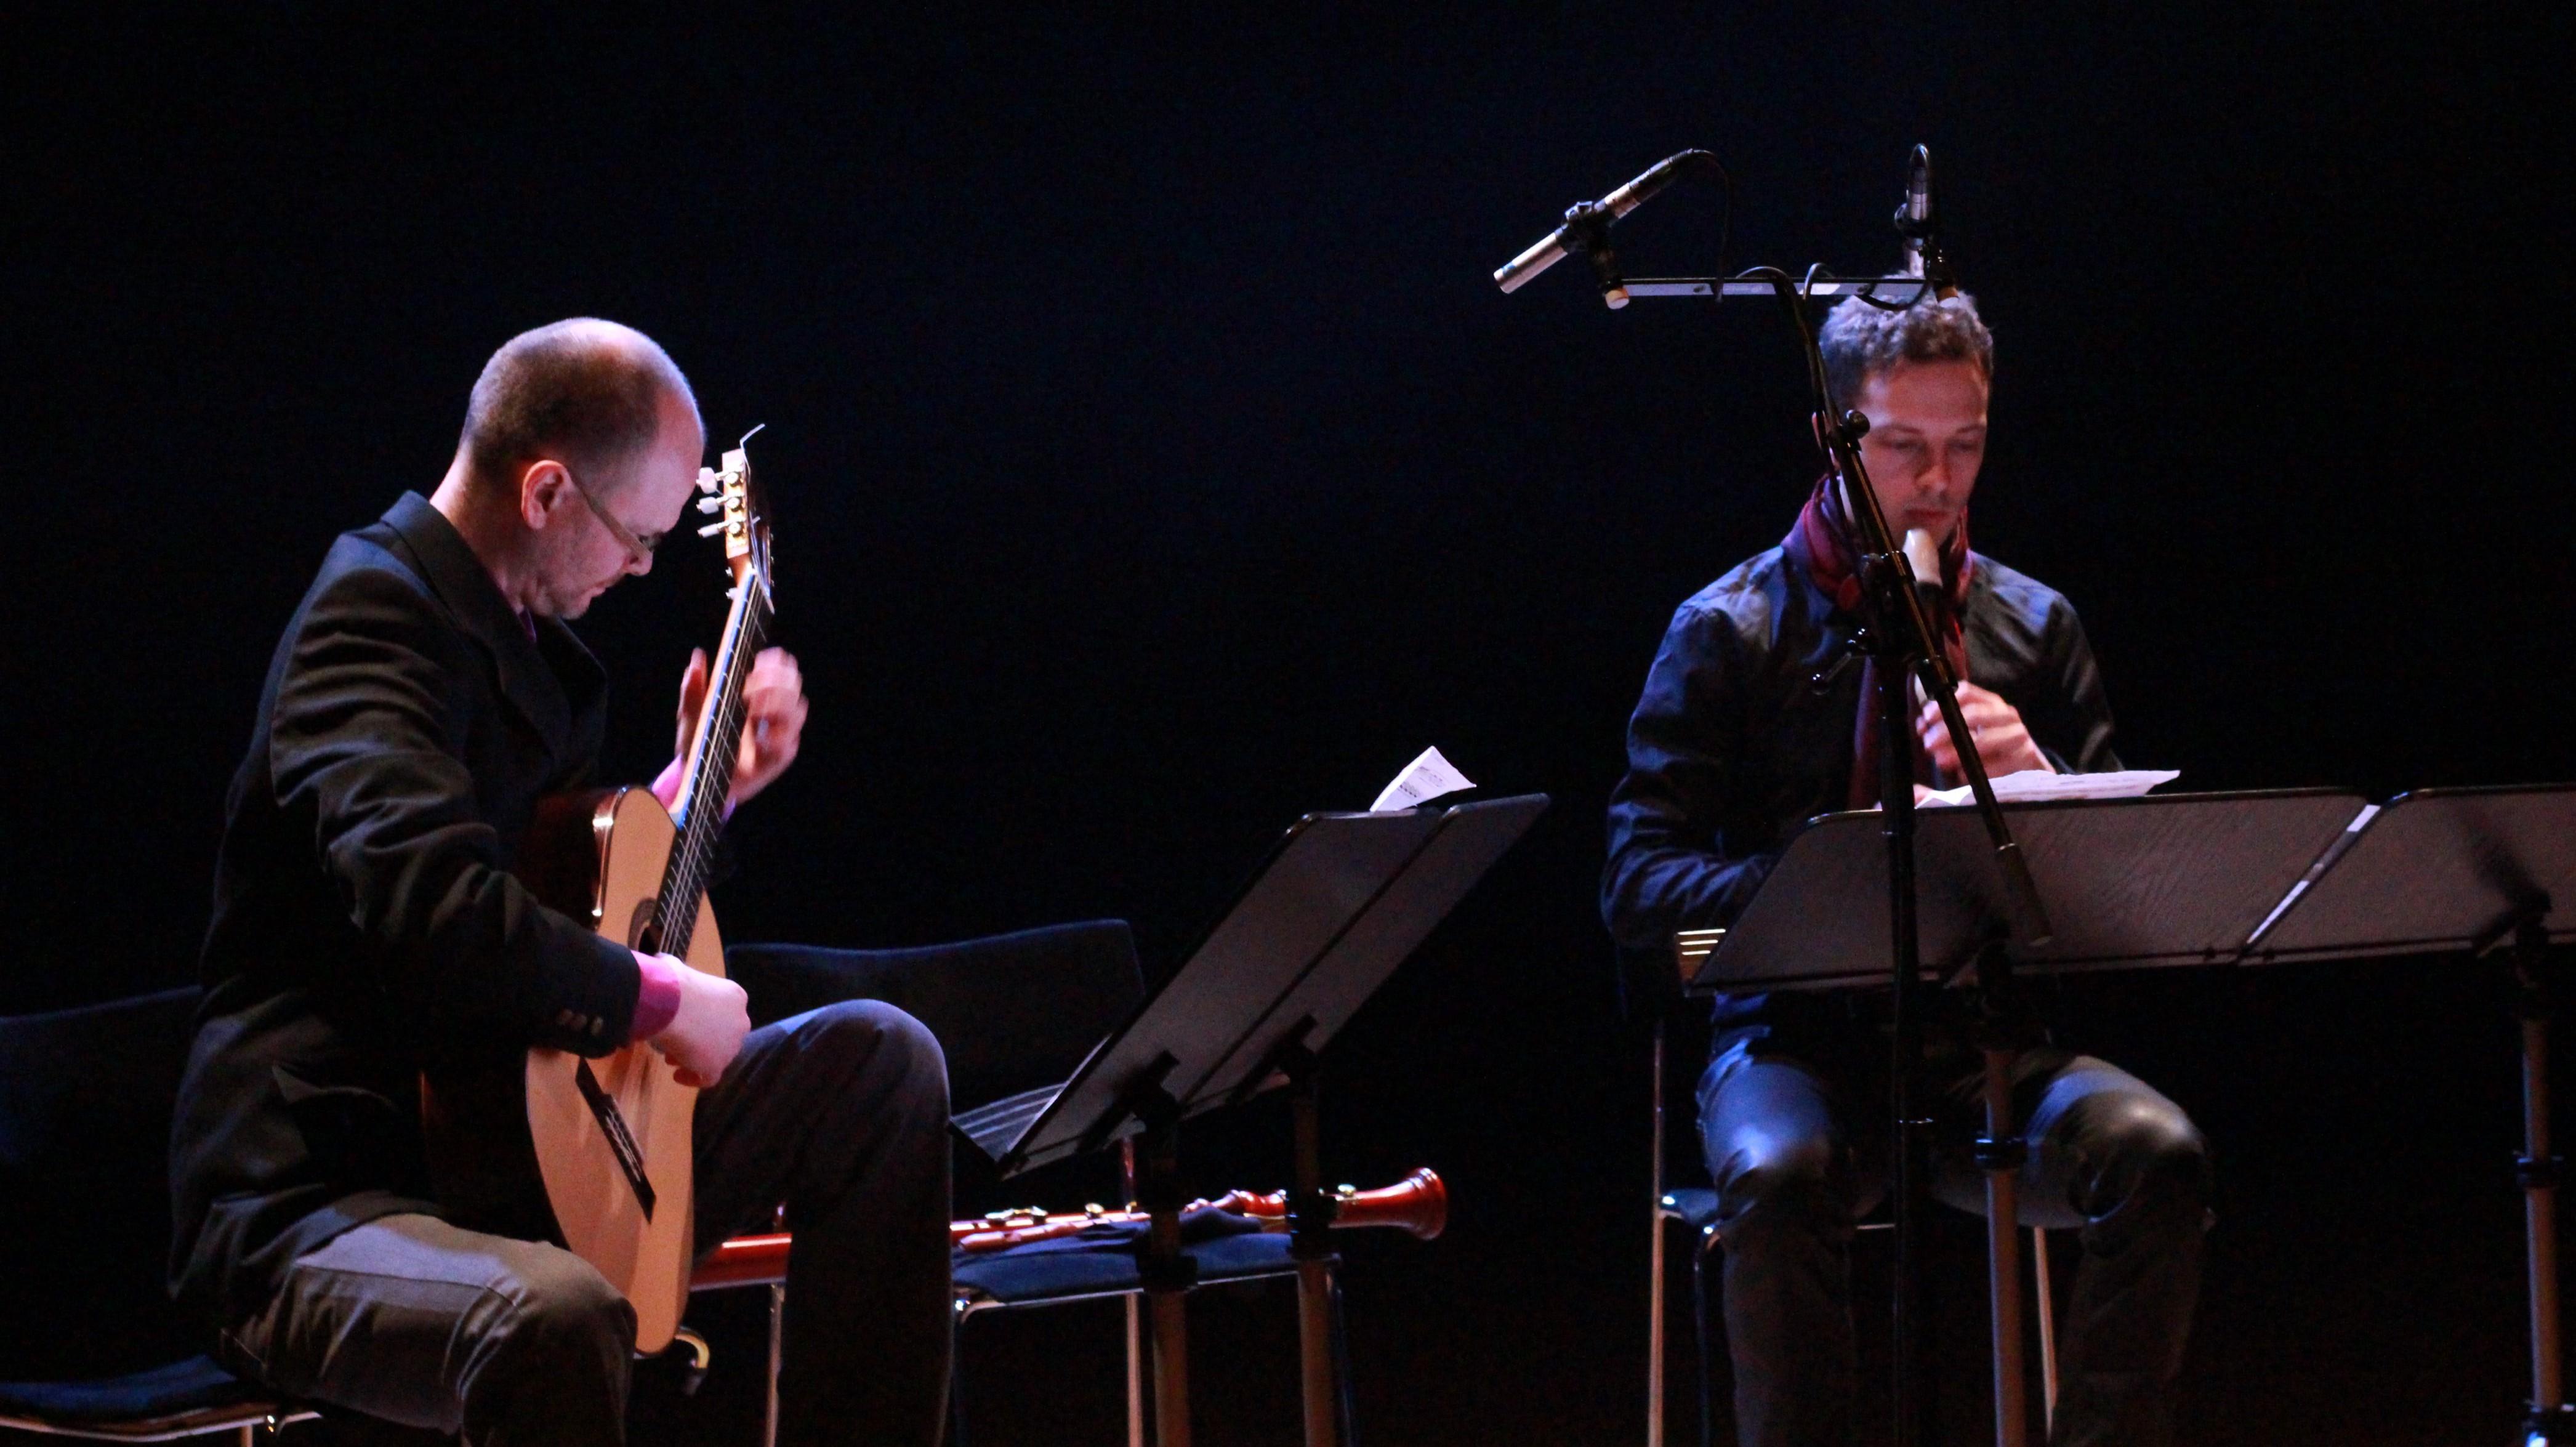 Samuel Edvardsson och Per Gross framför Andrea Tarrodis The World of Henri Rosseau. Foto: Sven Rånlund